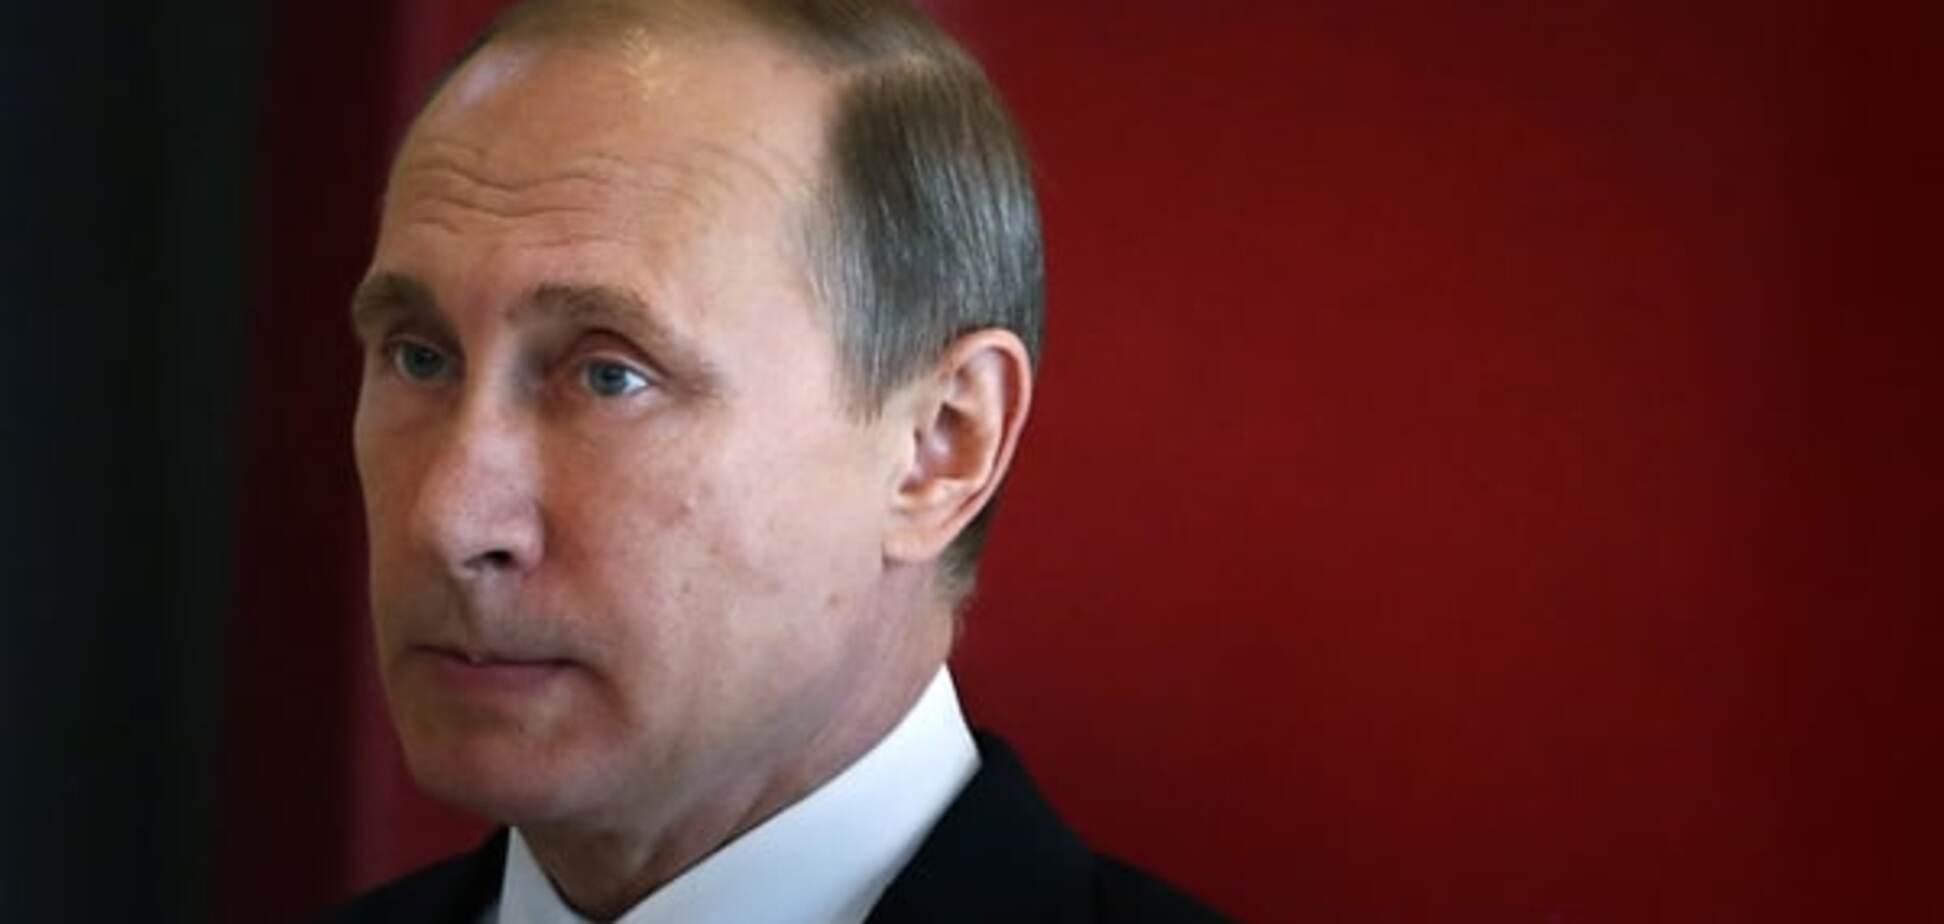 Путін не ідіот, щоб влізти в Сирію, забувши про Україну - Леві